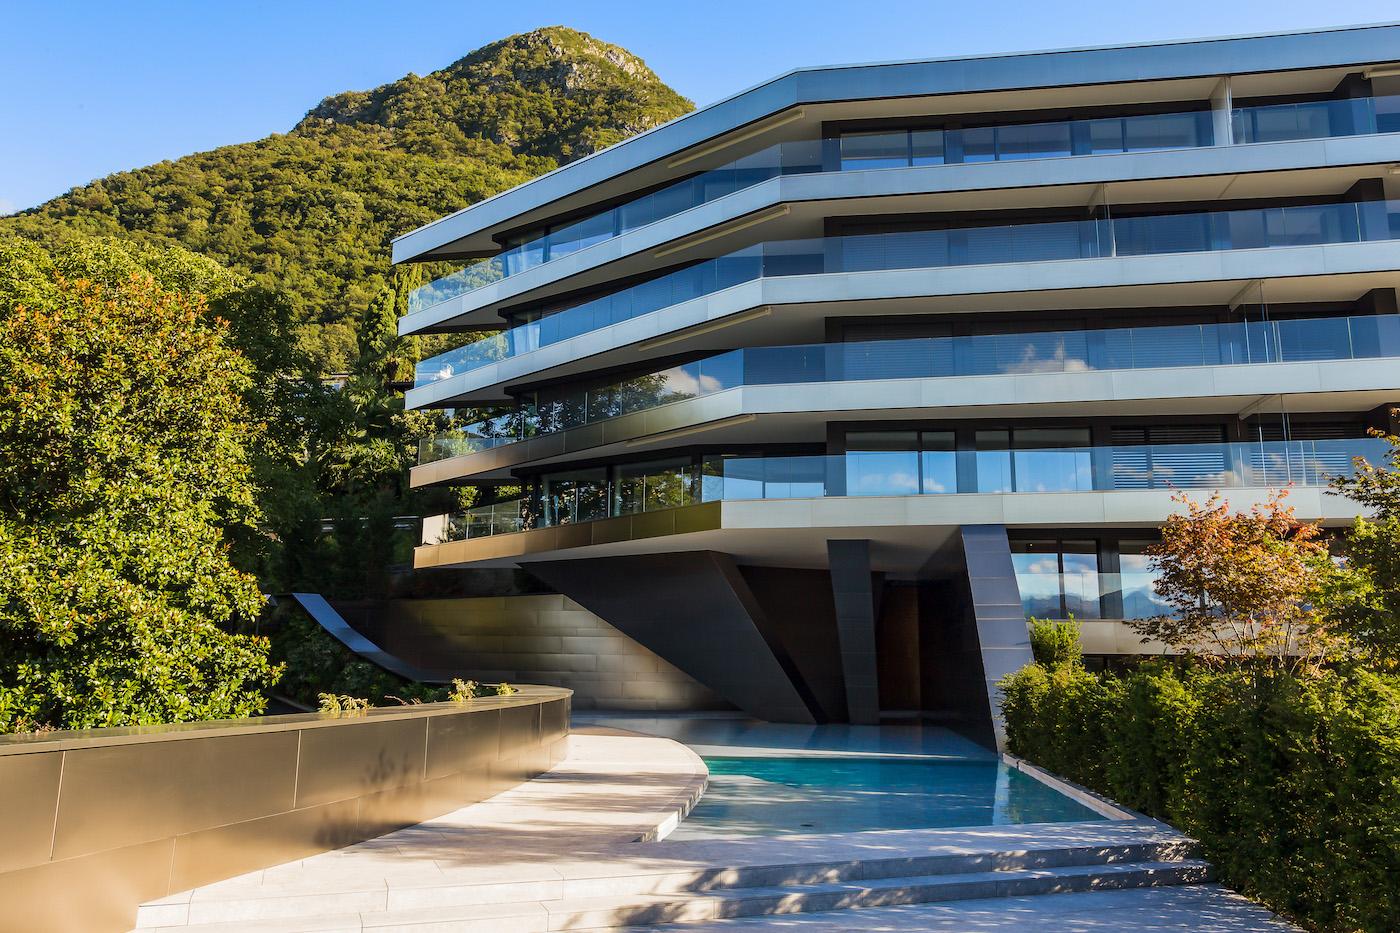 appartamenti vetrate esempio bioedilizia virtuosa